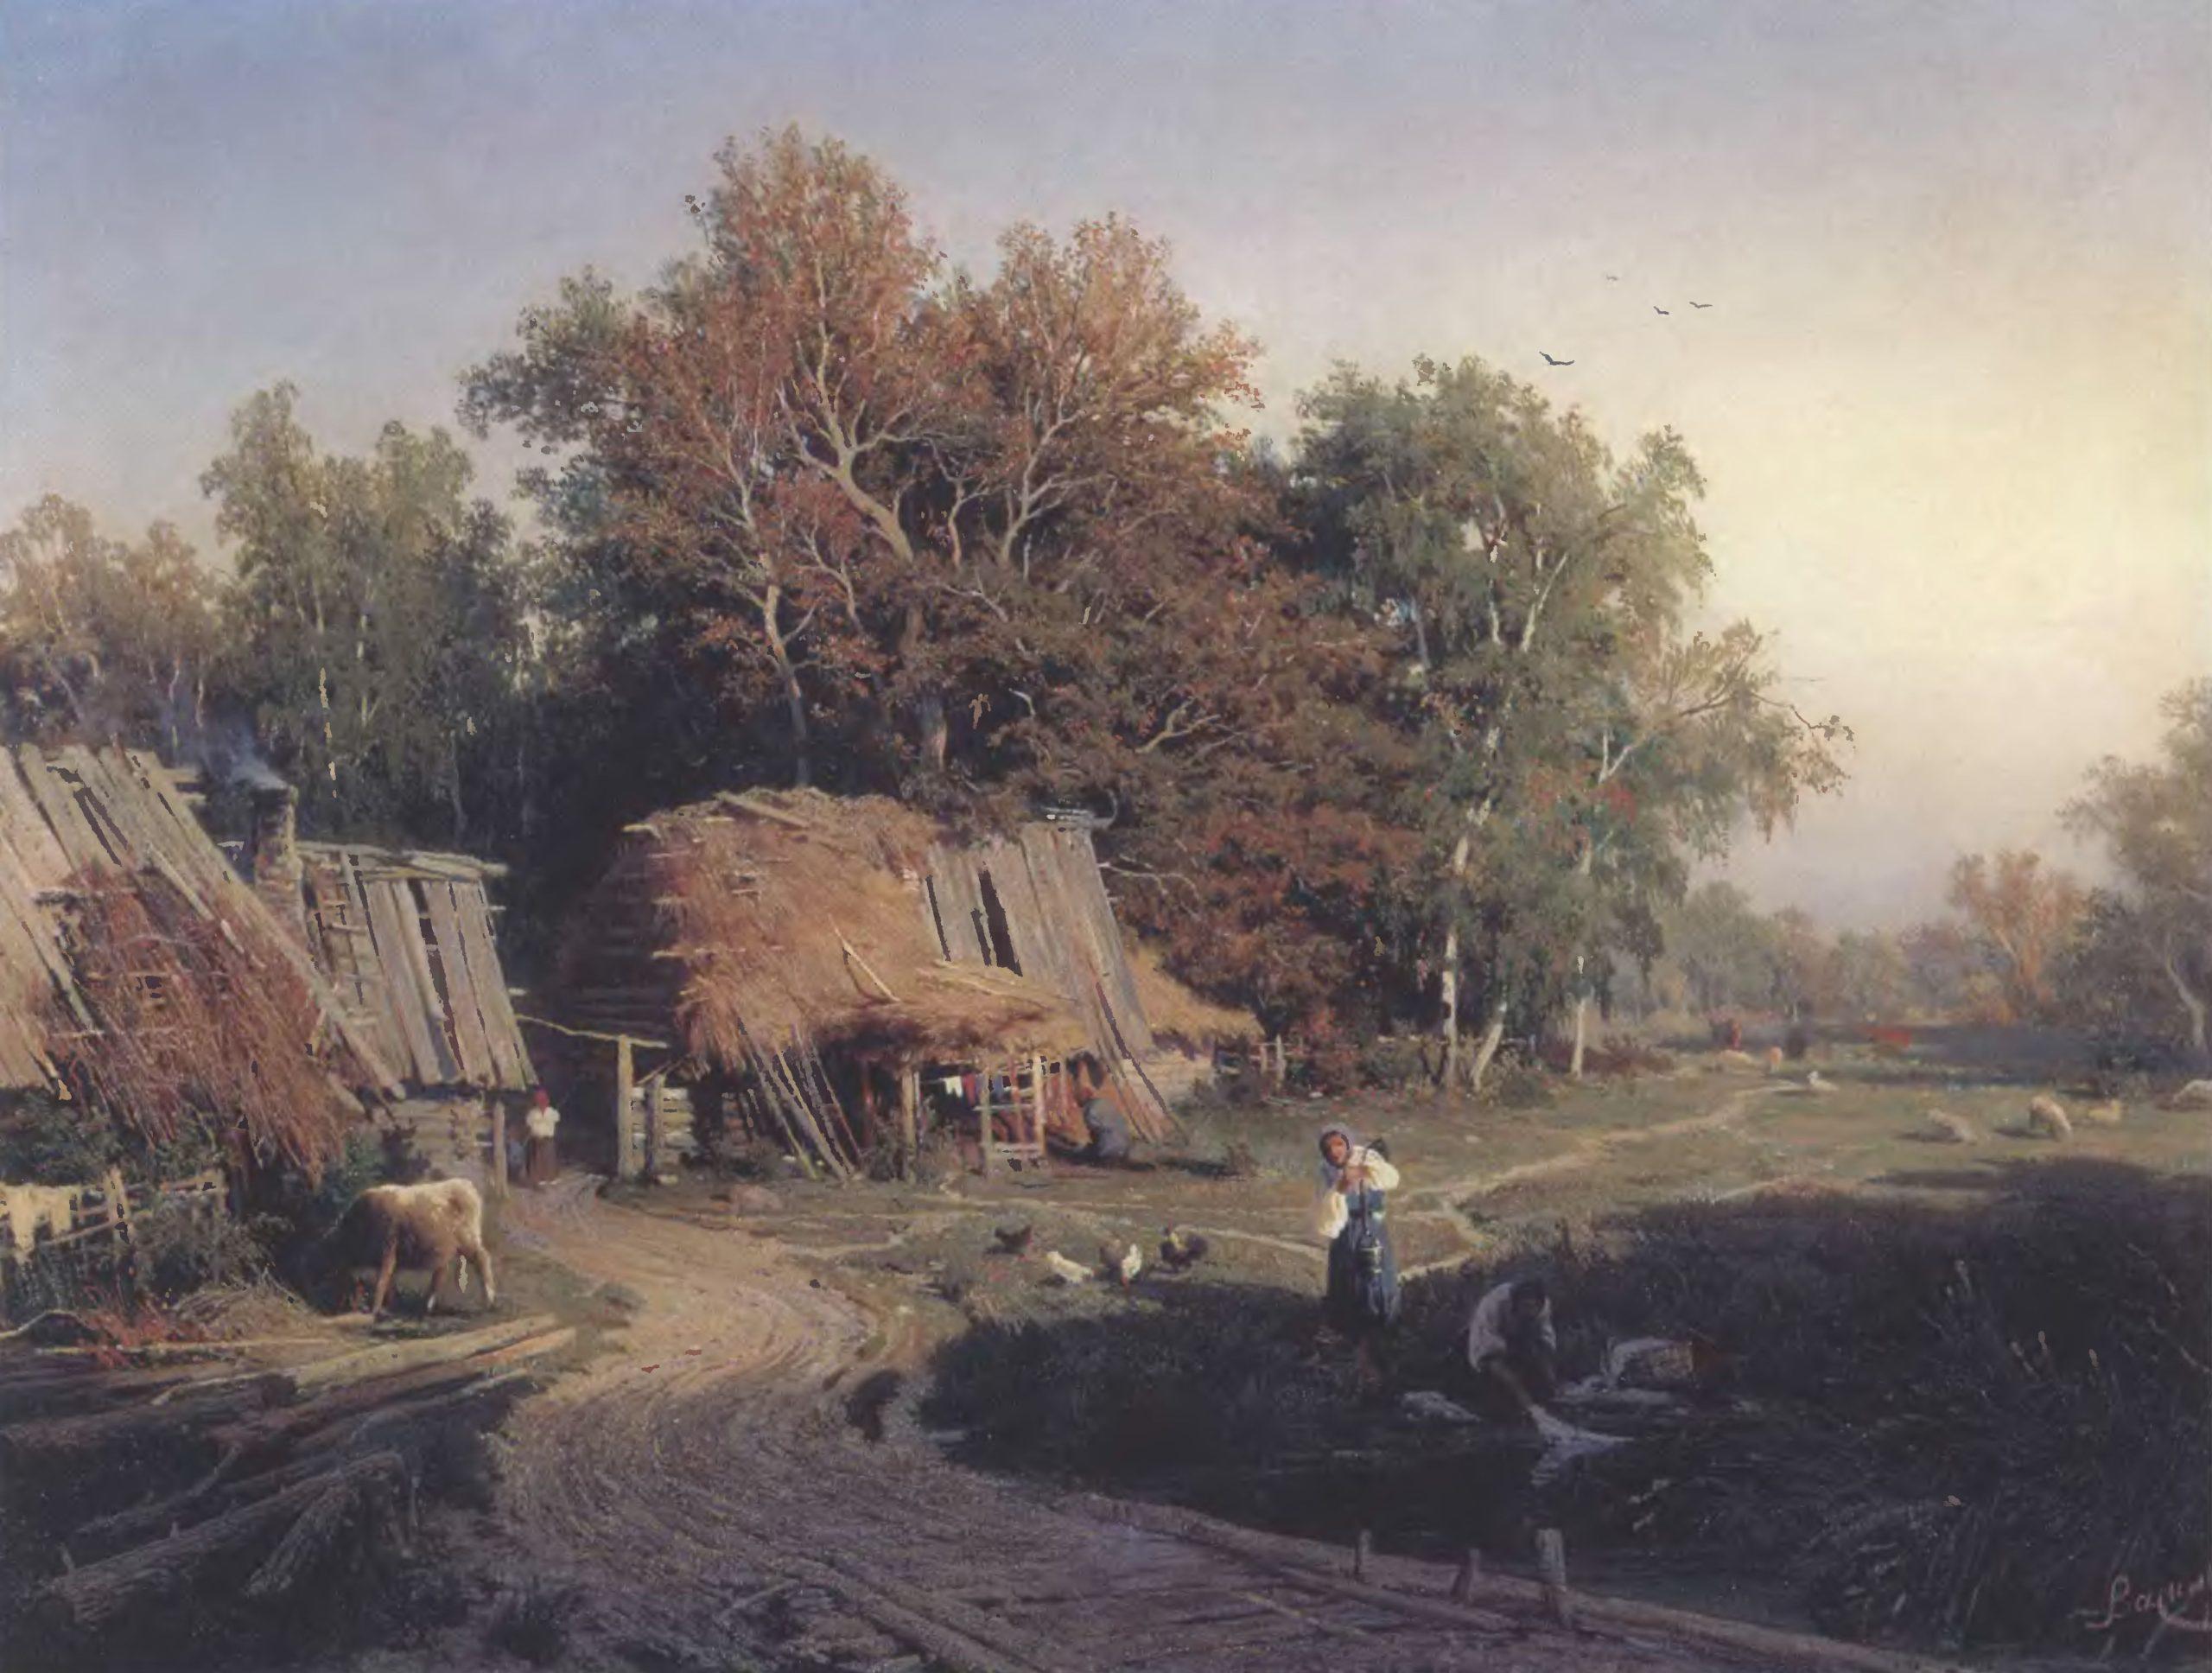 ФЕДОР ВАСИЛЬЕВ. Деревня. 1869. Холст, масло. 61 х 82,5 см. Государственный Русский музей